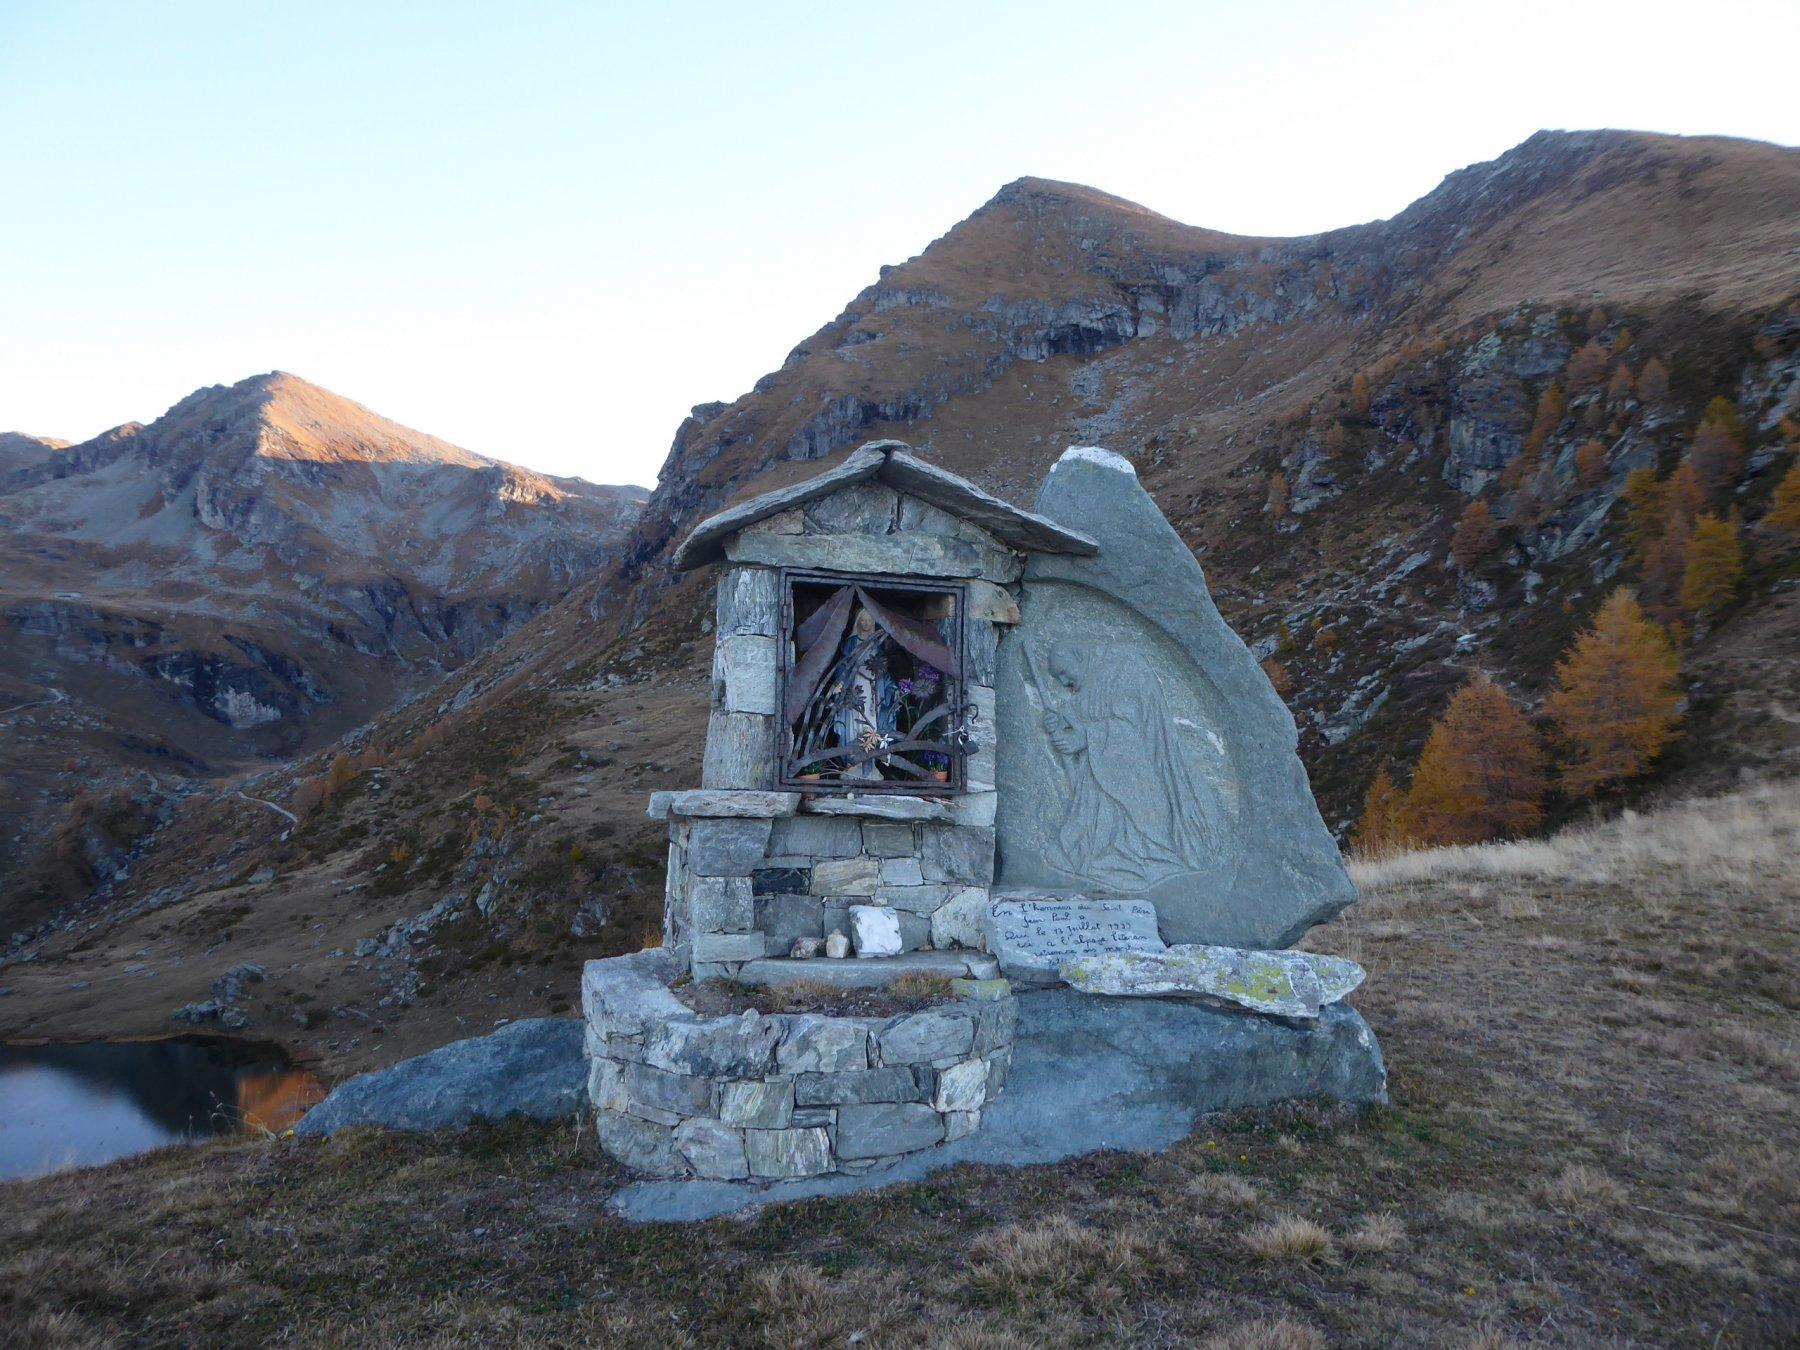 Valfredda, Bieteron e anticima dal monumento all'alpe Literan